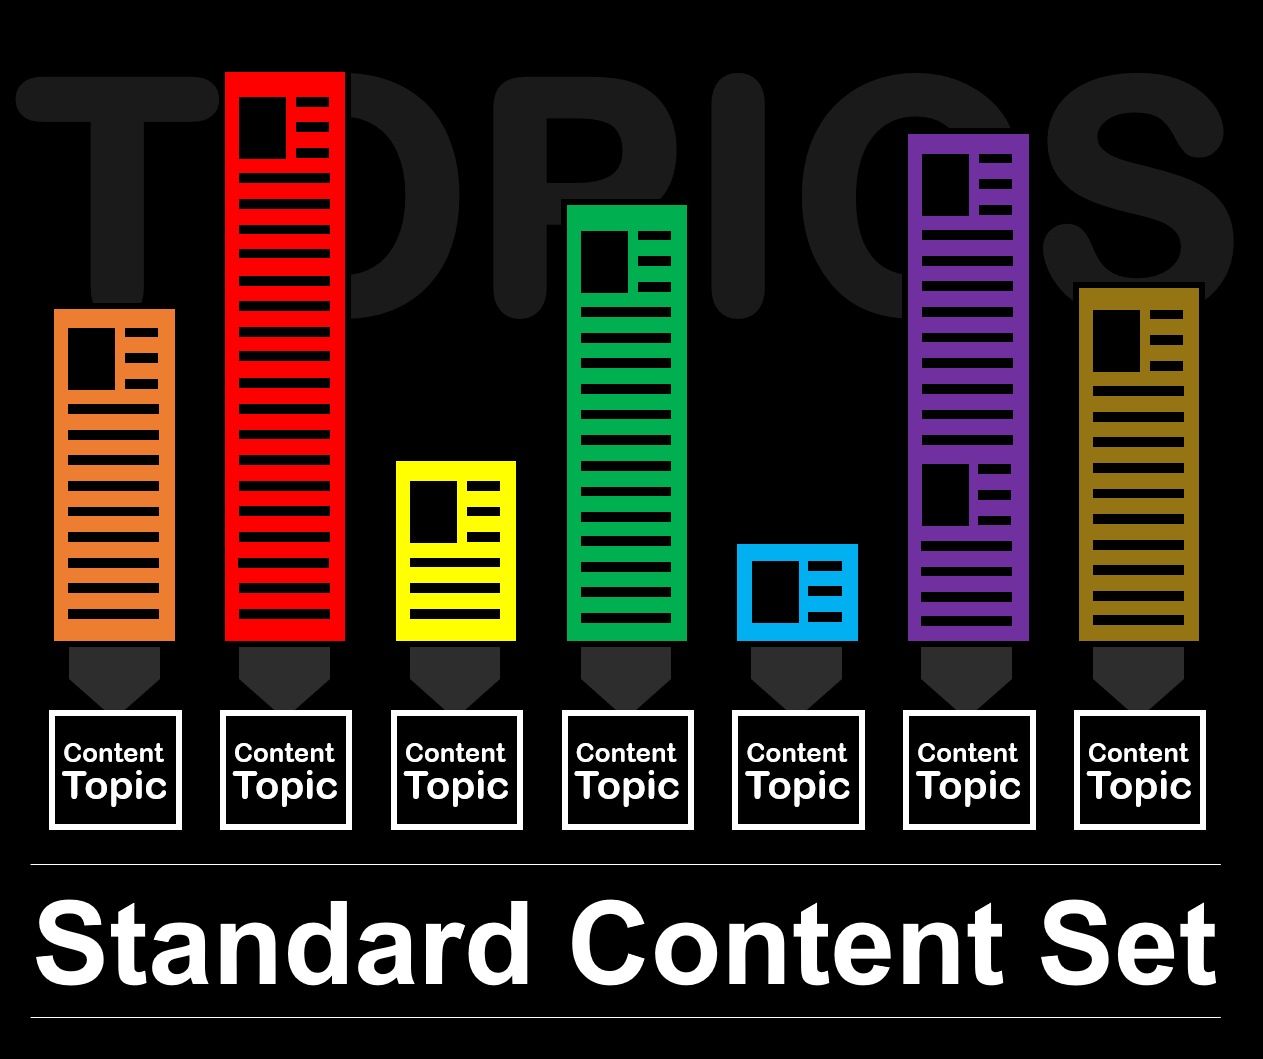 Topics as a standard content set